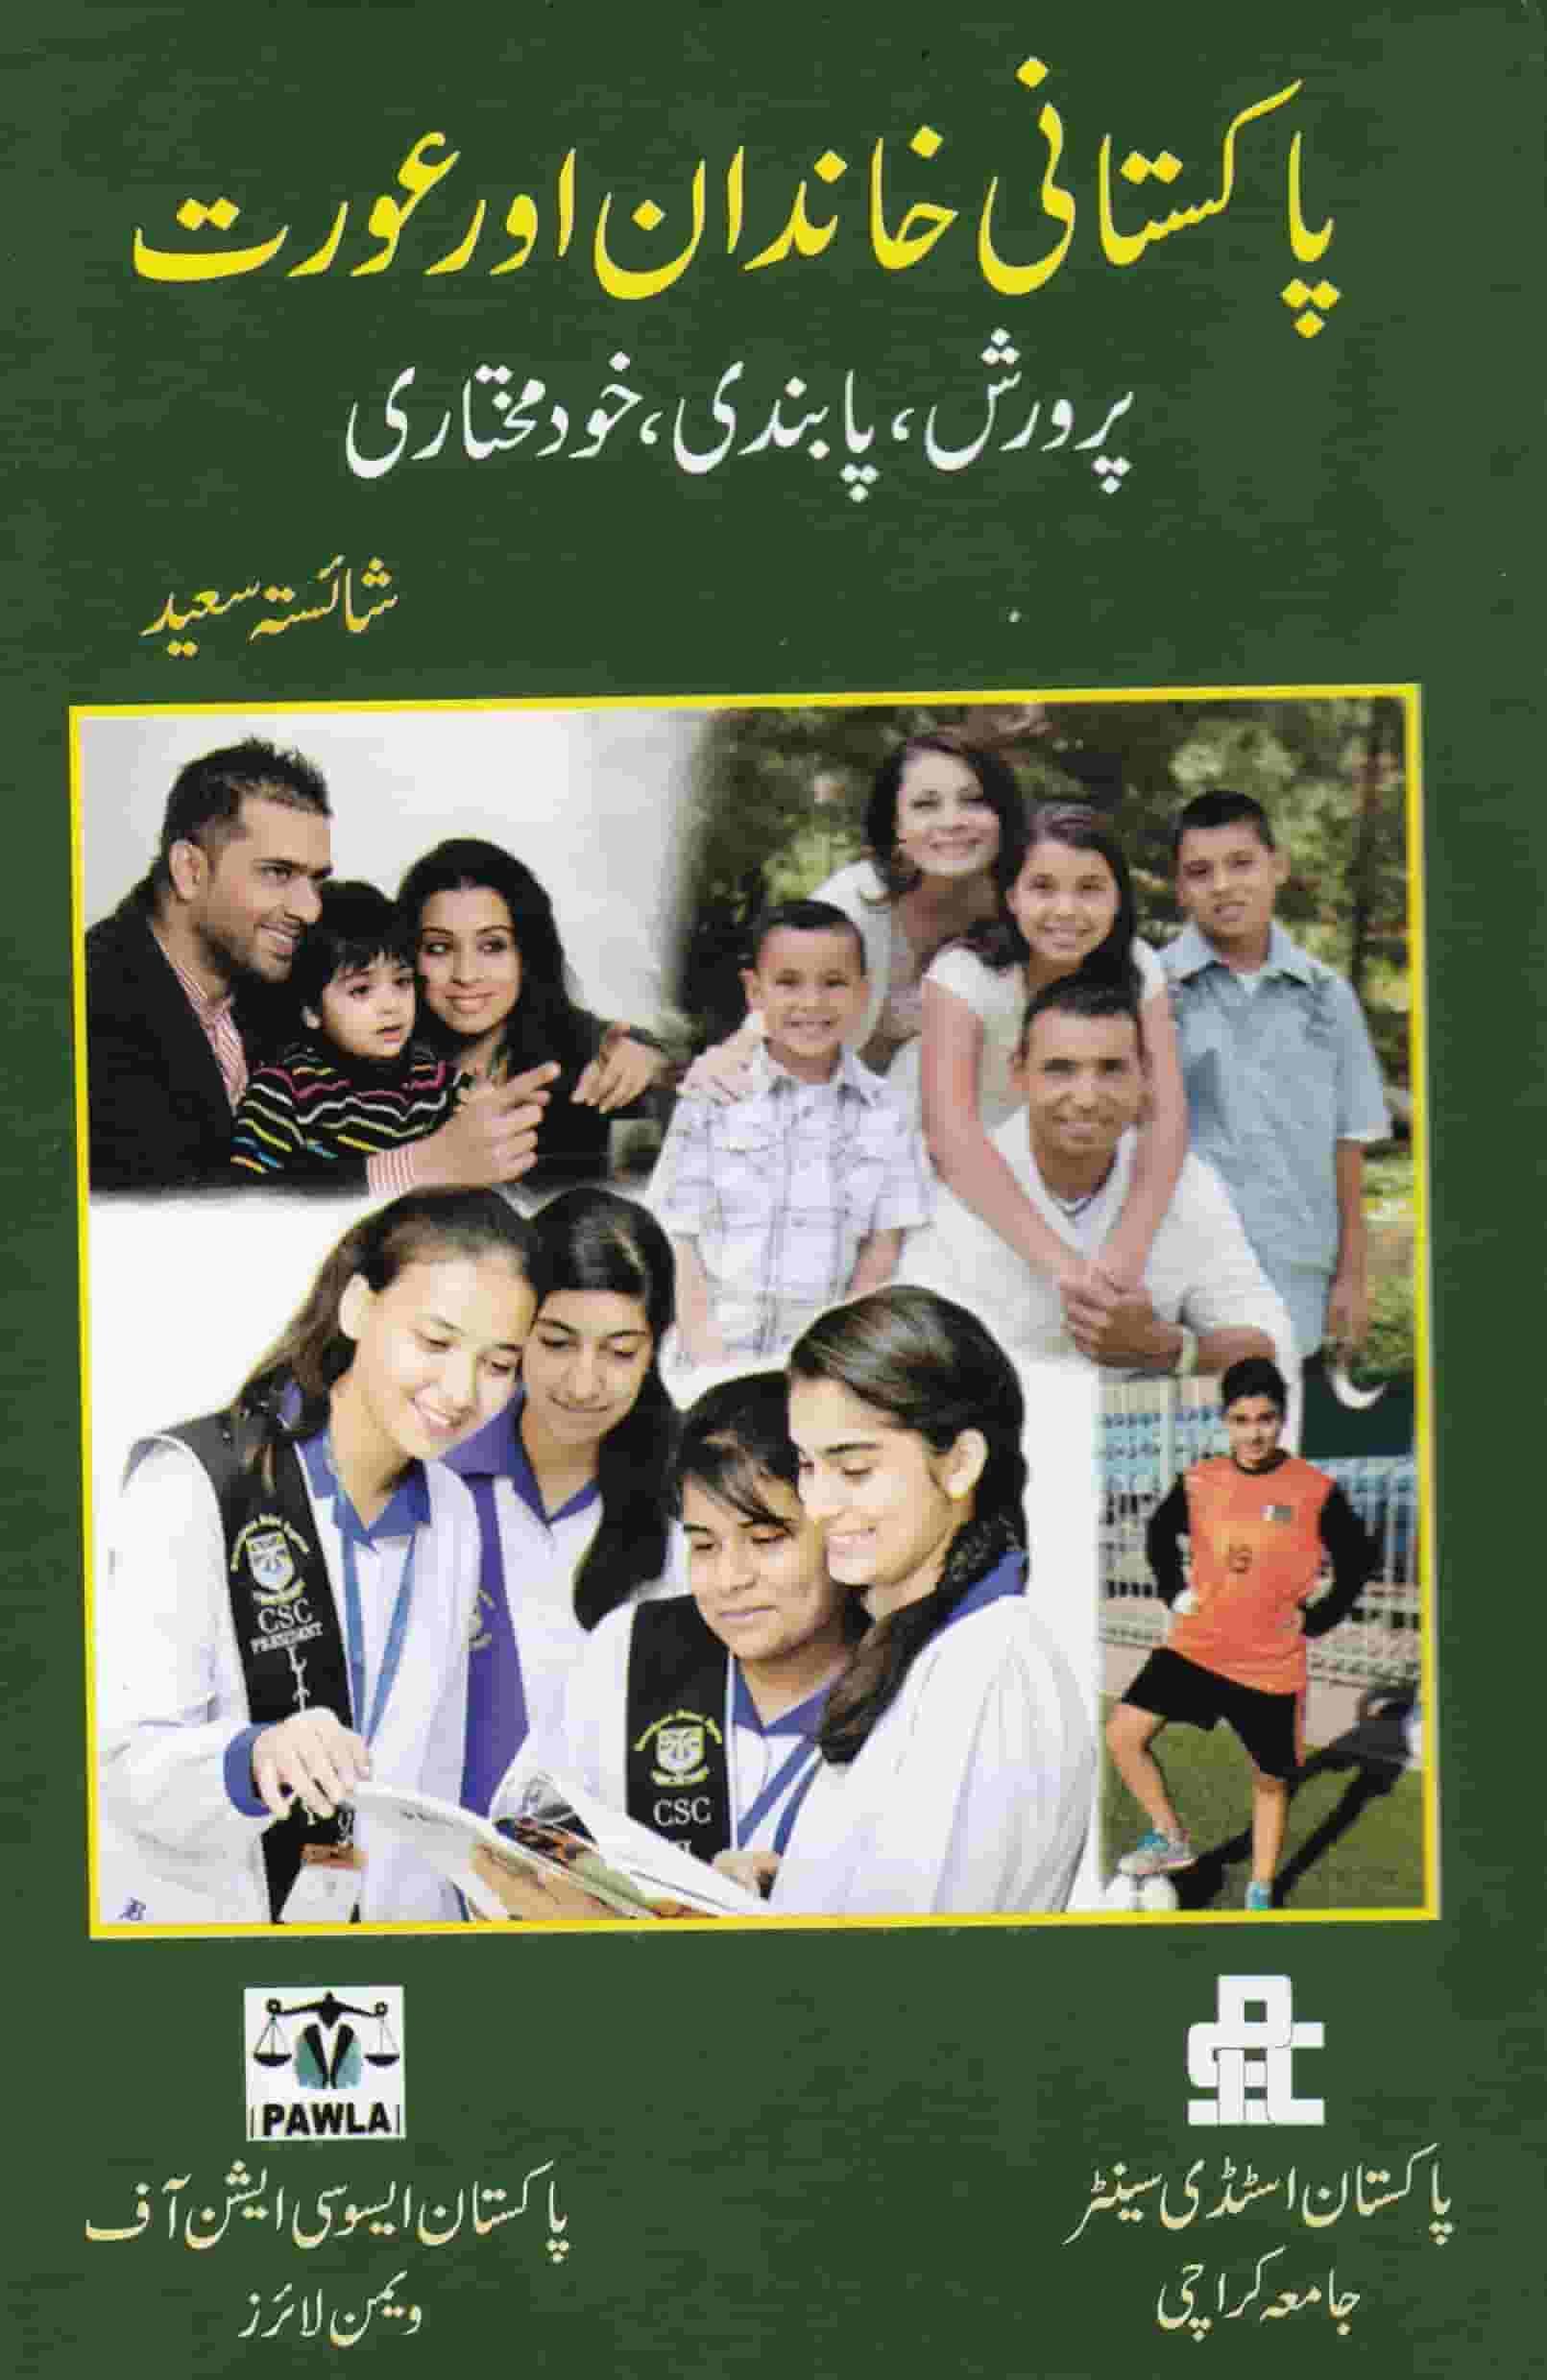 Pakistani khandan aur Aurat